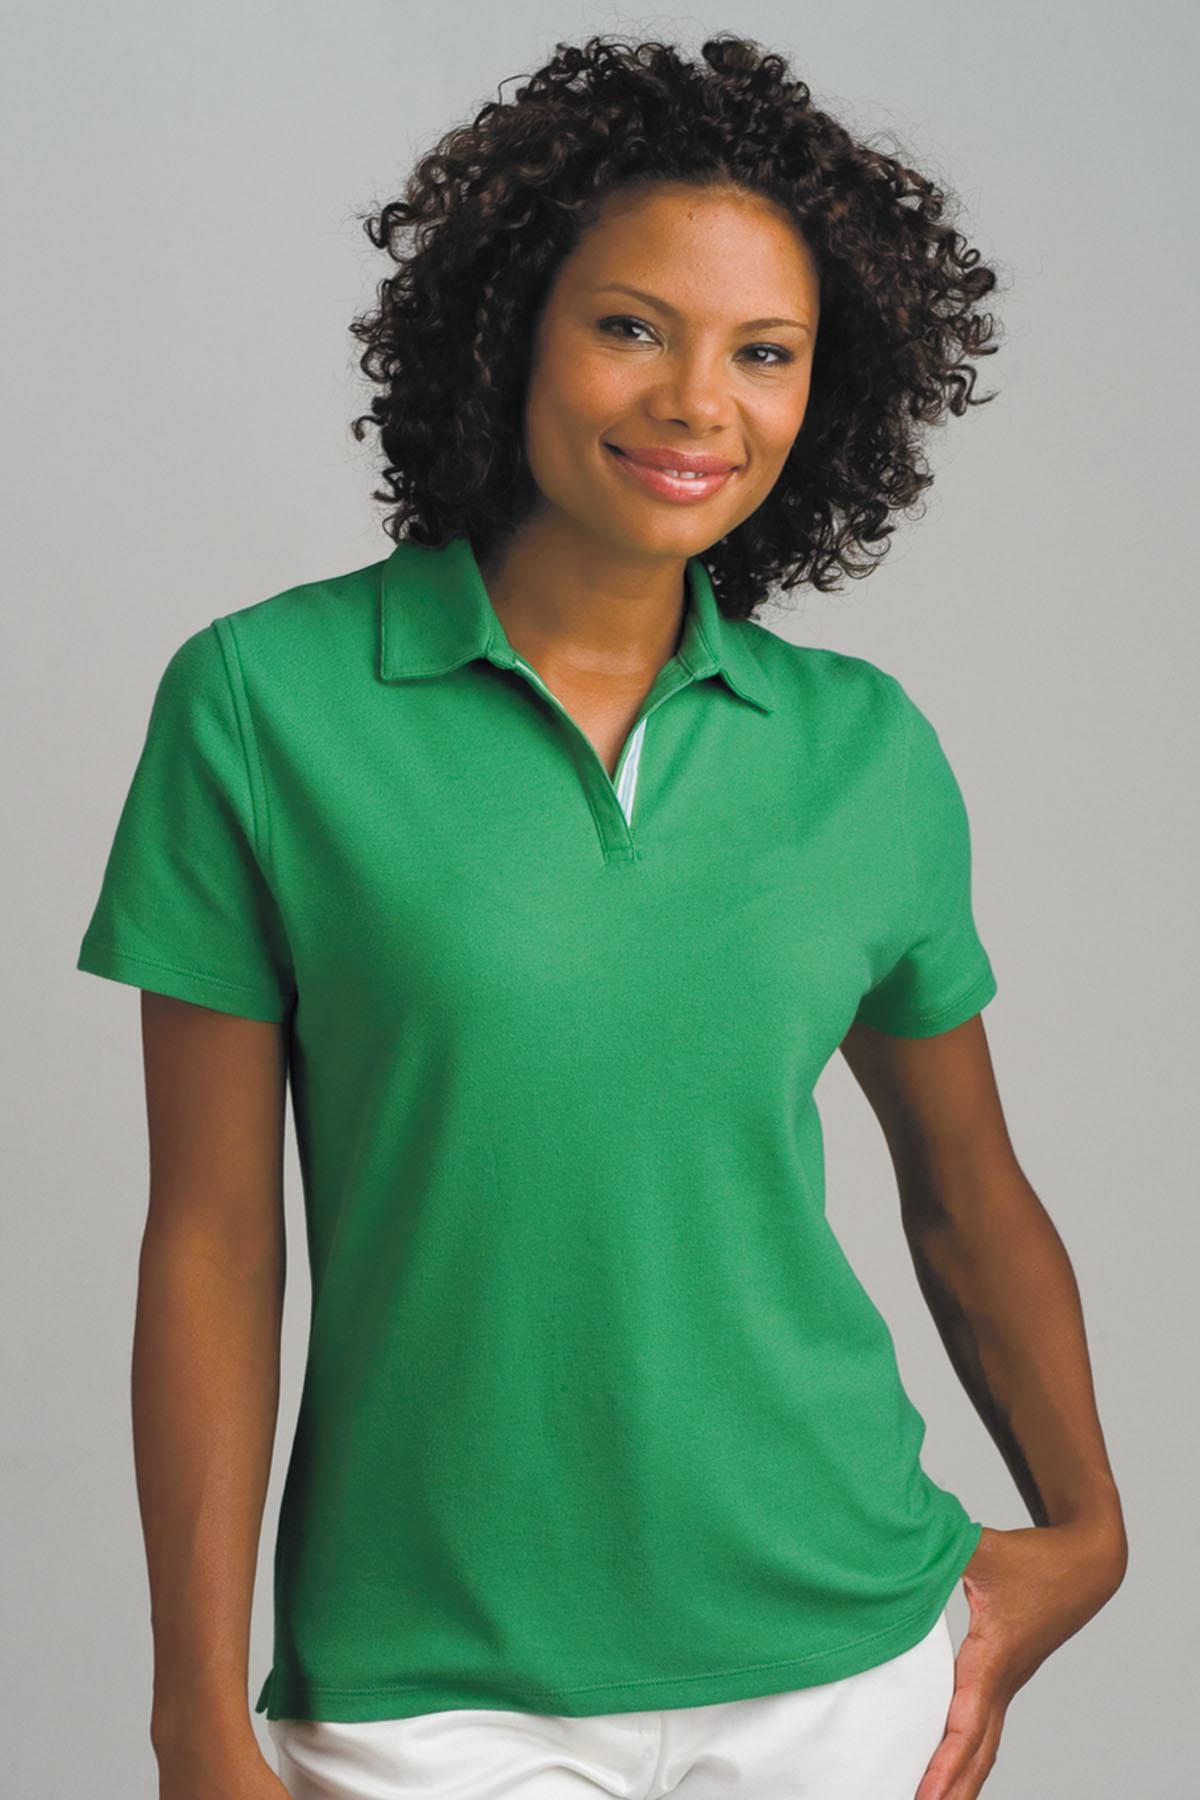 Vansport 2771 - Vansport Women s Double-Tuck Pique Polo  17.71 - Women s  Sport Shirts 5c9258bd91